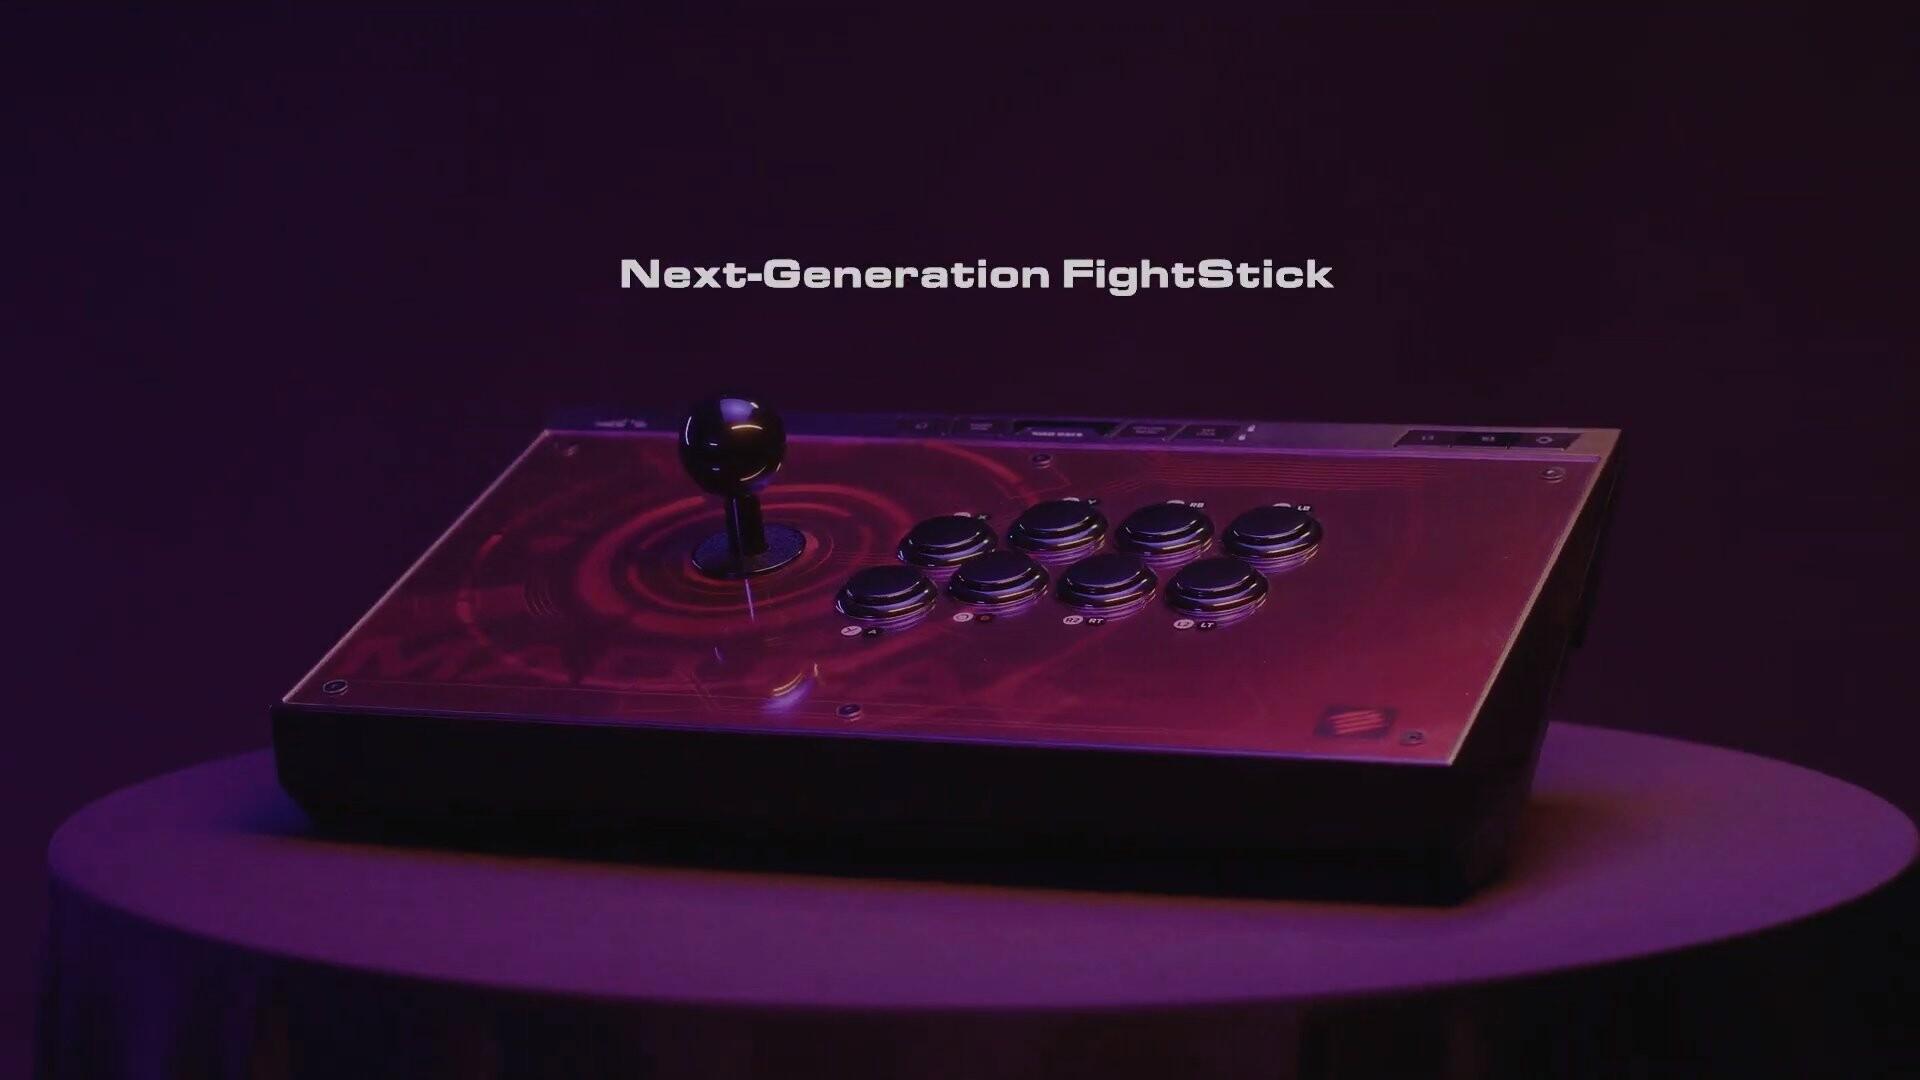 Представлен игровой манипулятор Mad Catz Ego Arcade FightStick и геймпад Cat 7